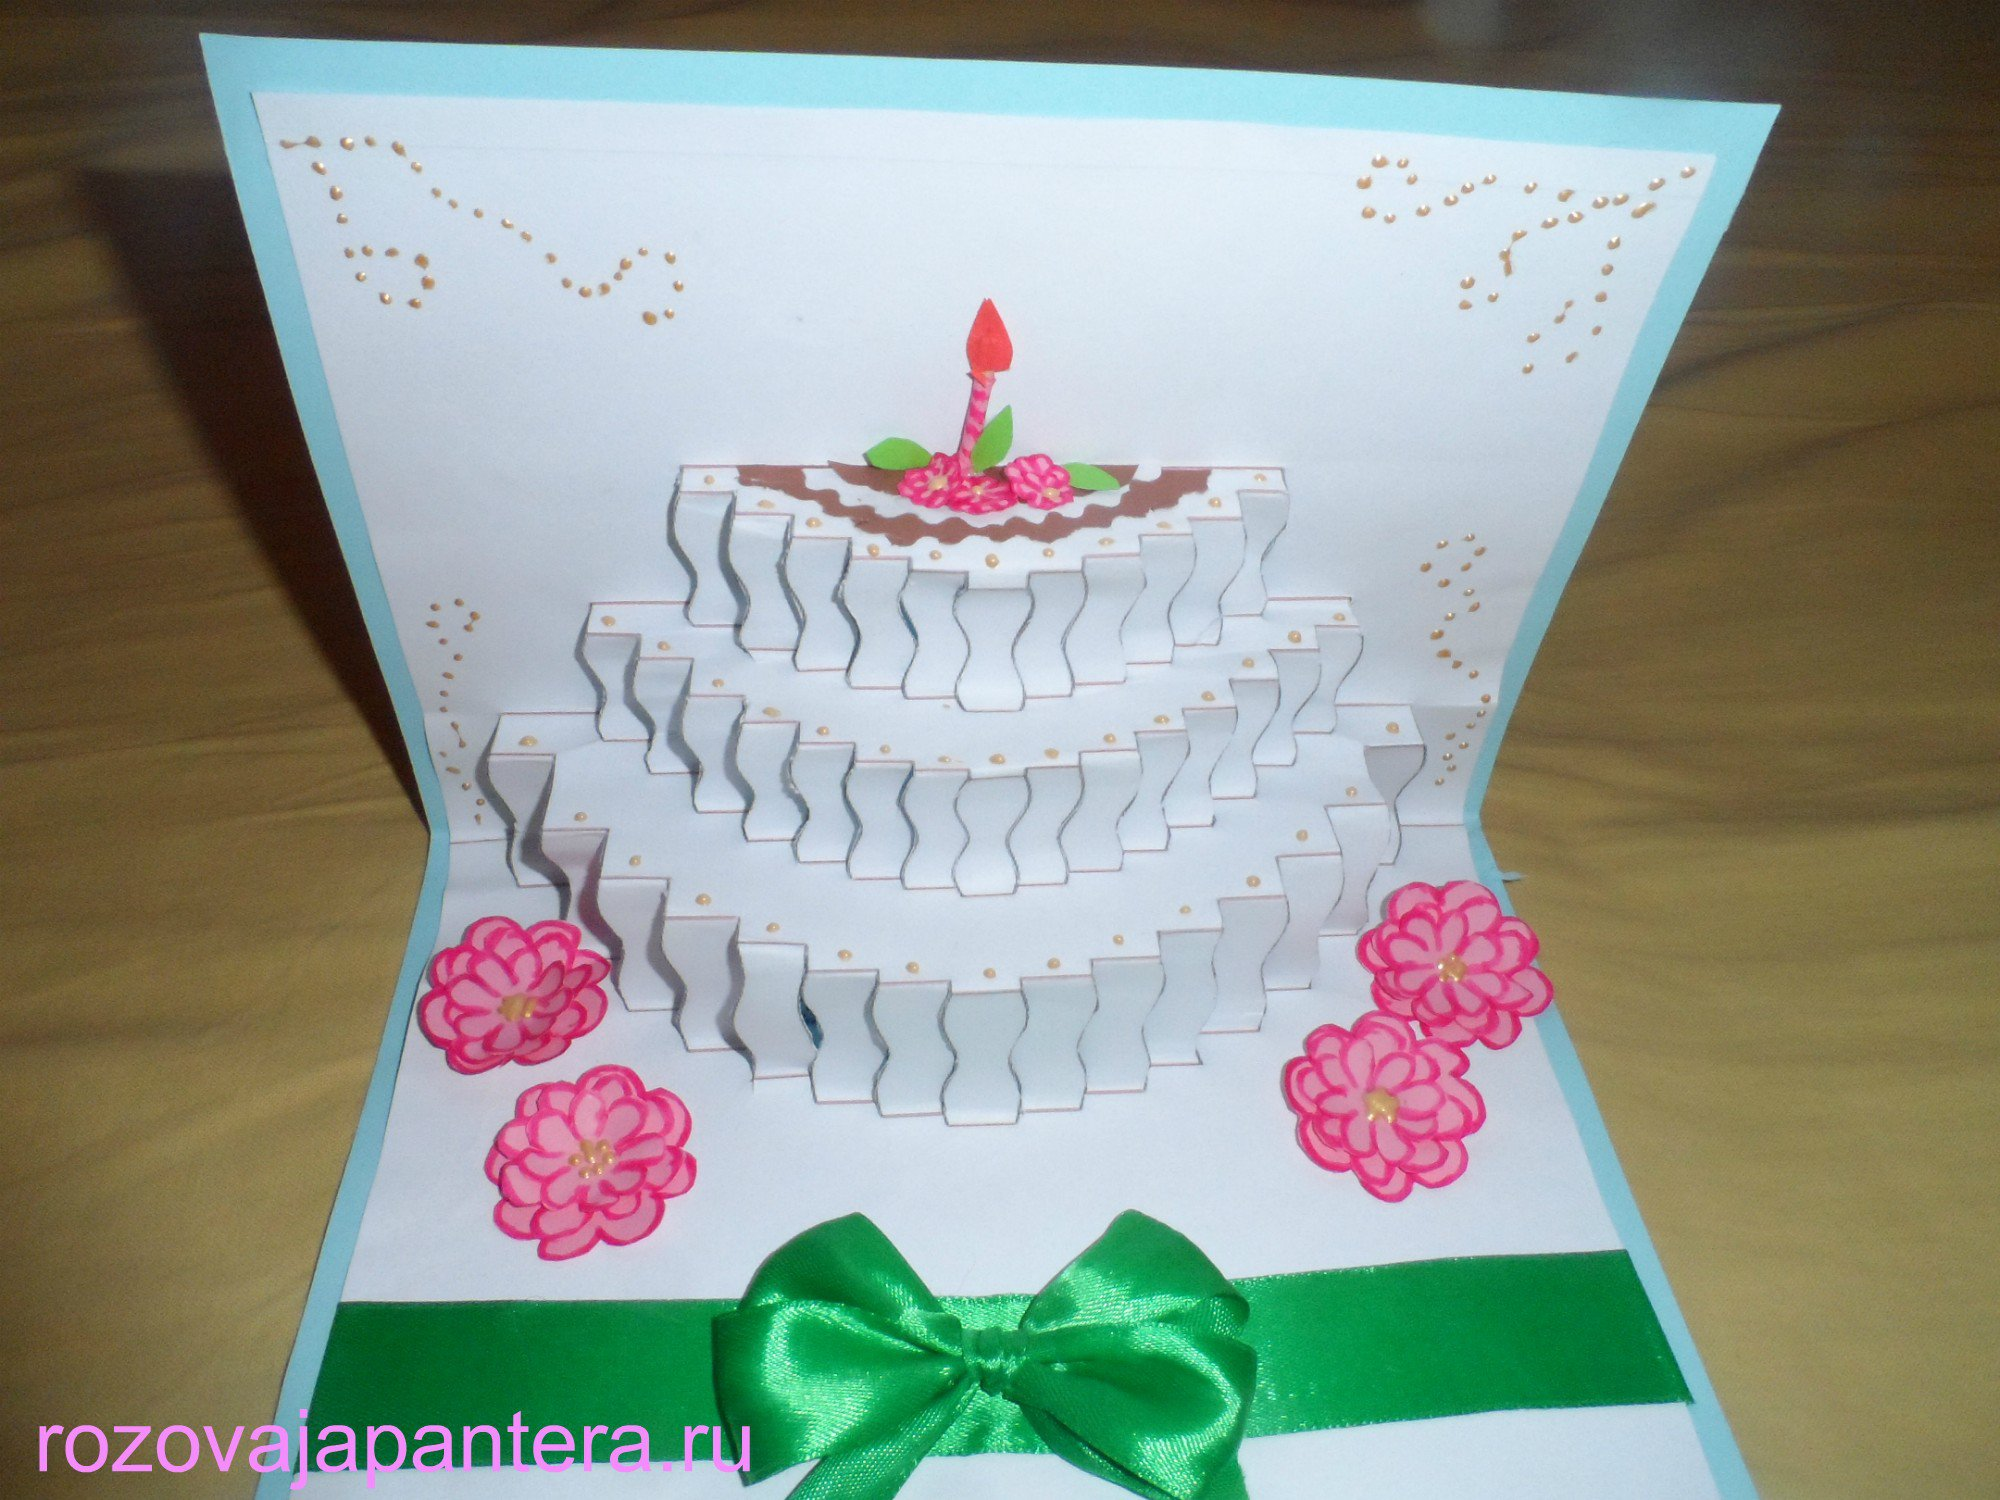 Как оформить открытку бабушке на день рождения внутри, картинках картинки приколами